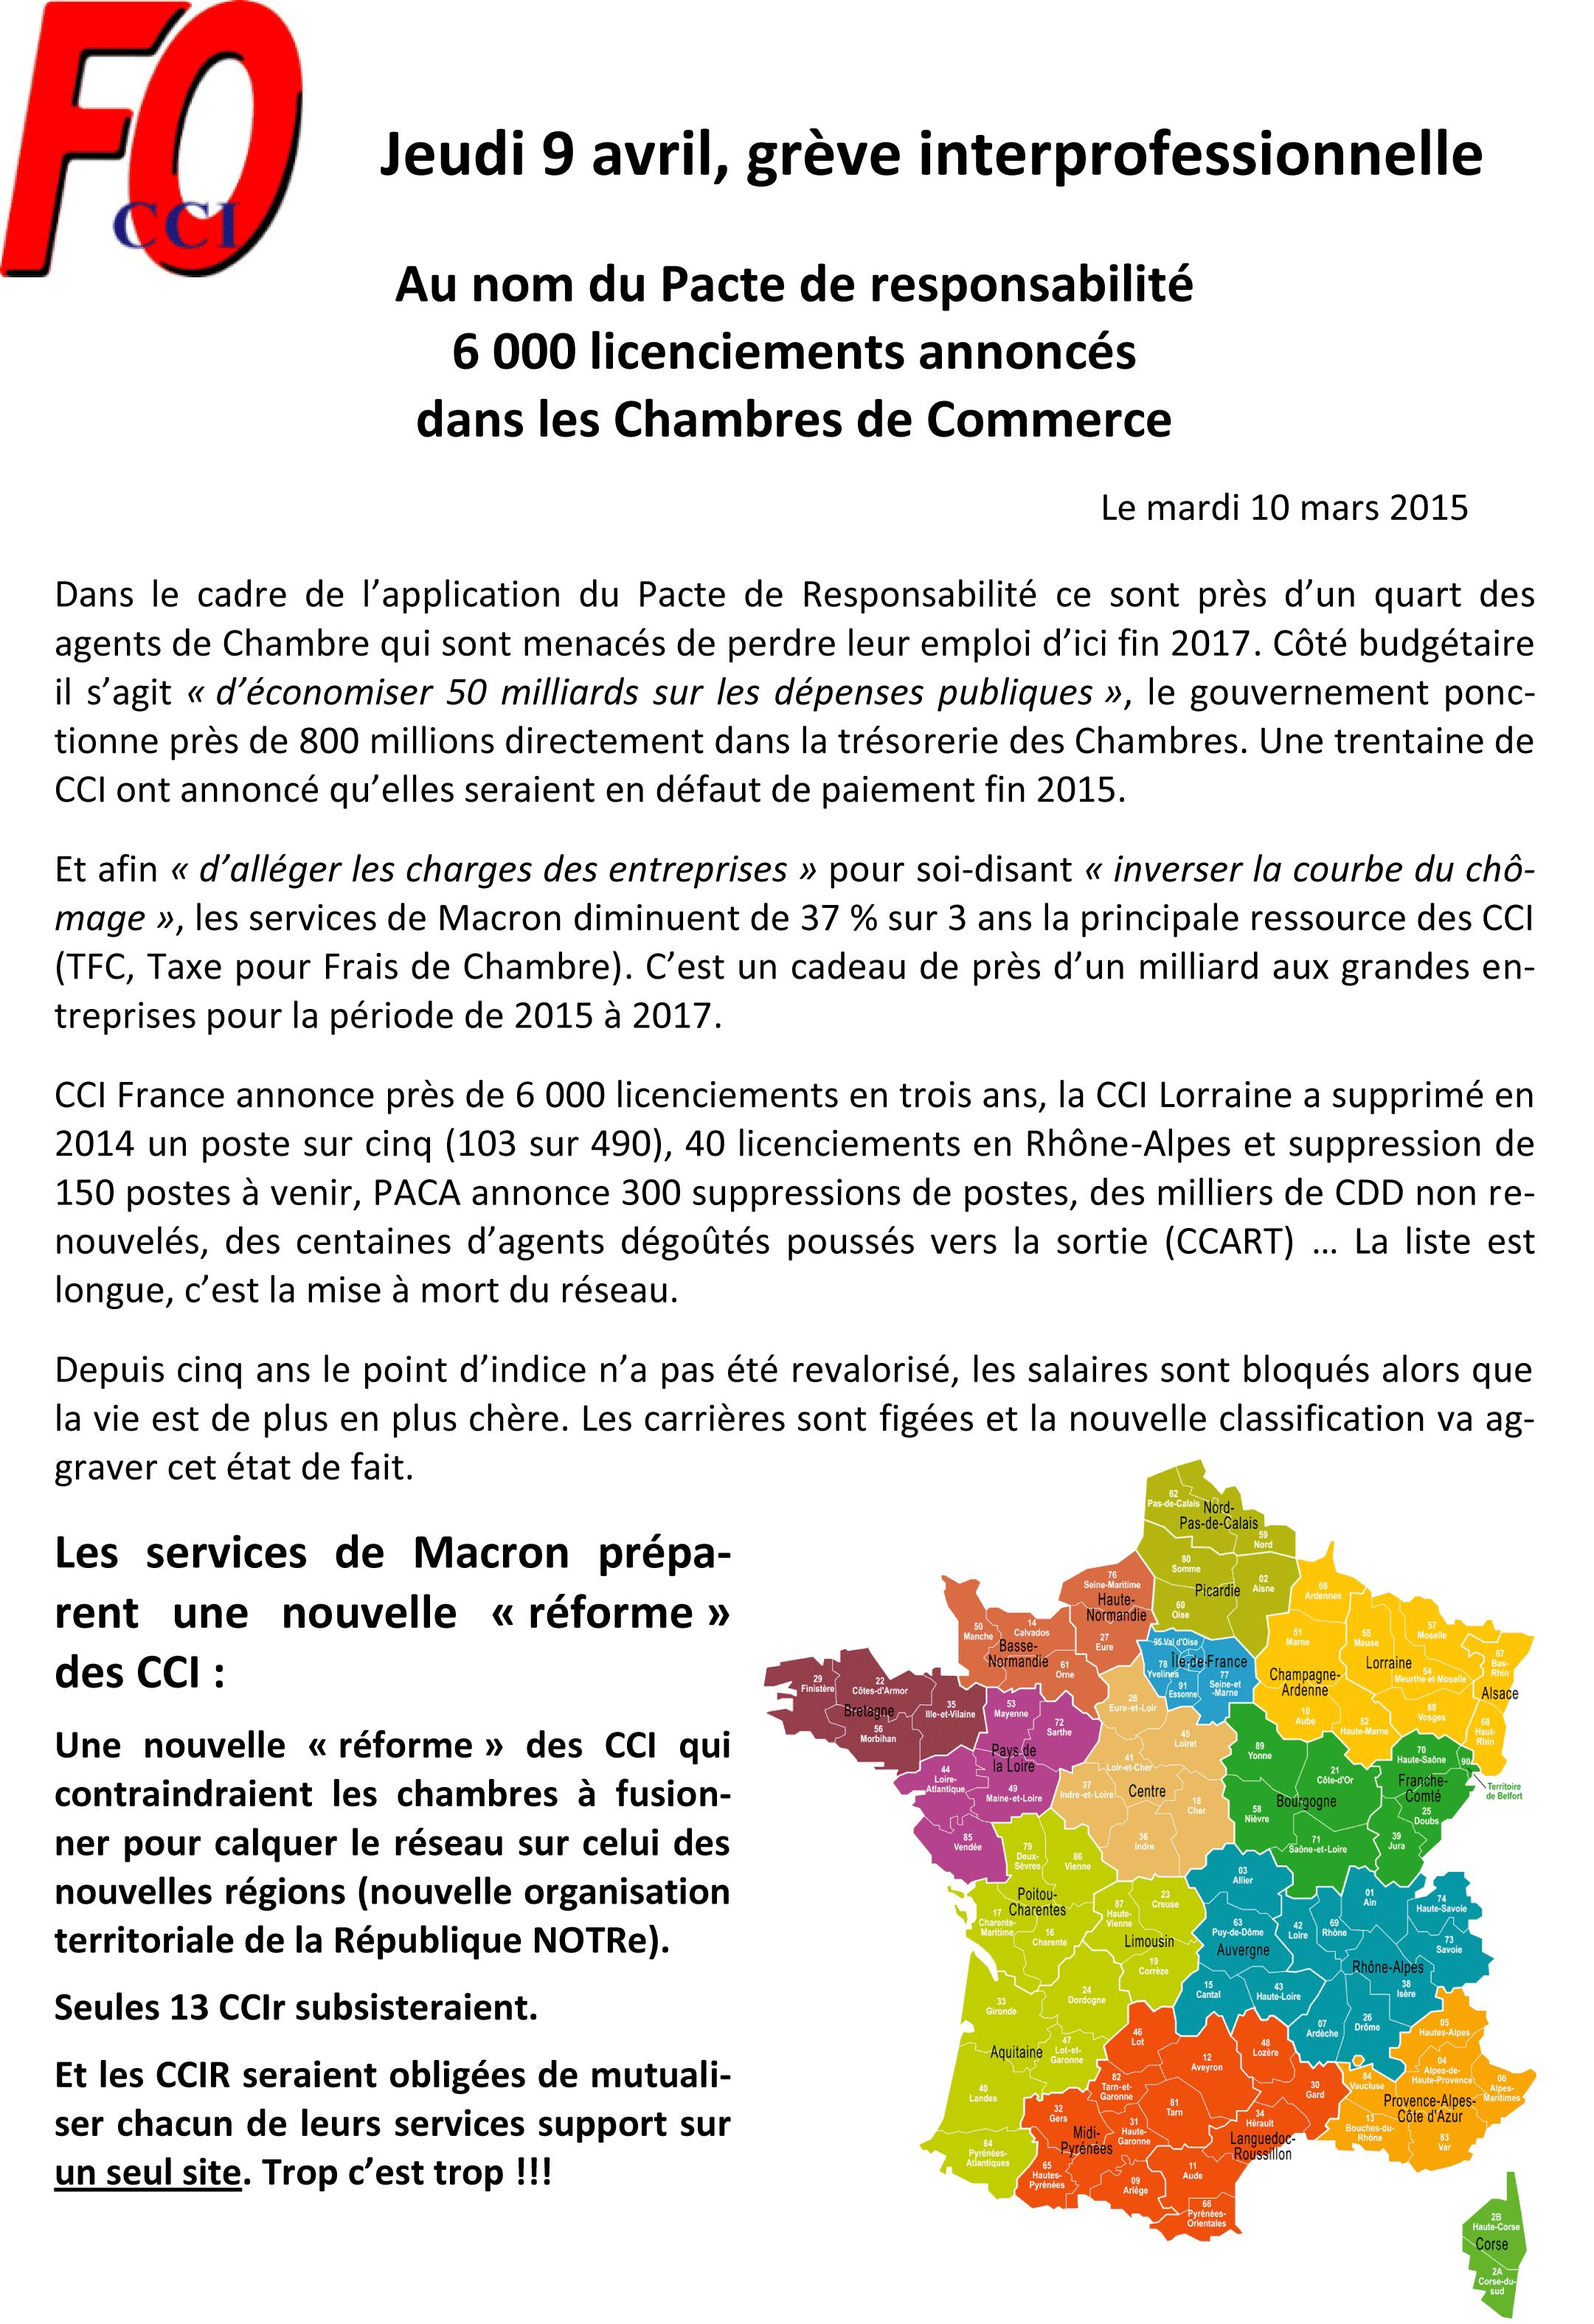 2015-03-10-FO-CCI-Tract-greve-interpro-1